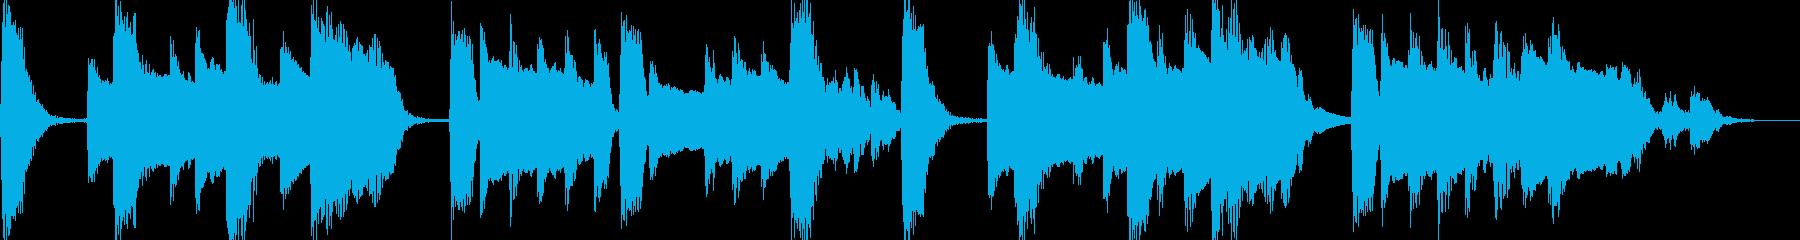 温かいピアノのジングル(ループ可)の再生済みの波形